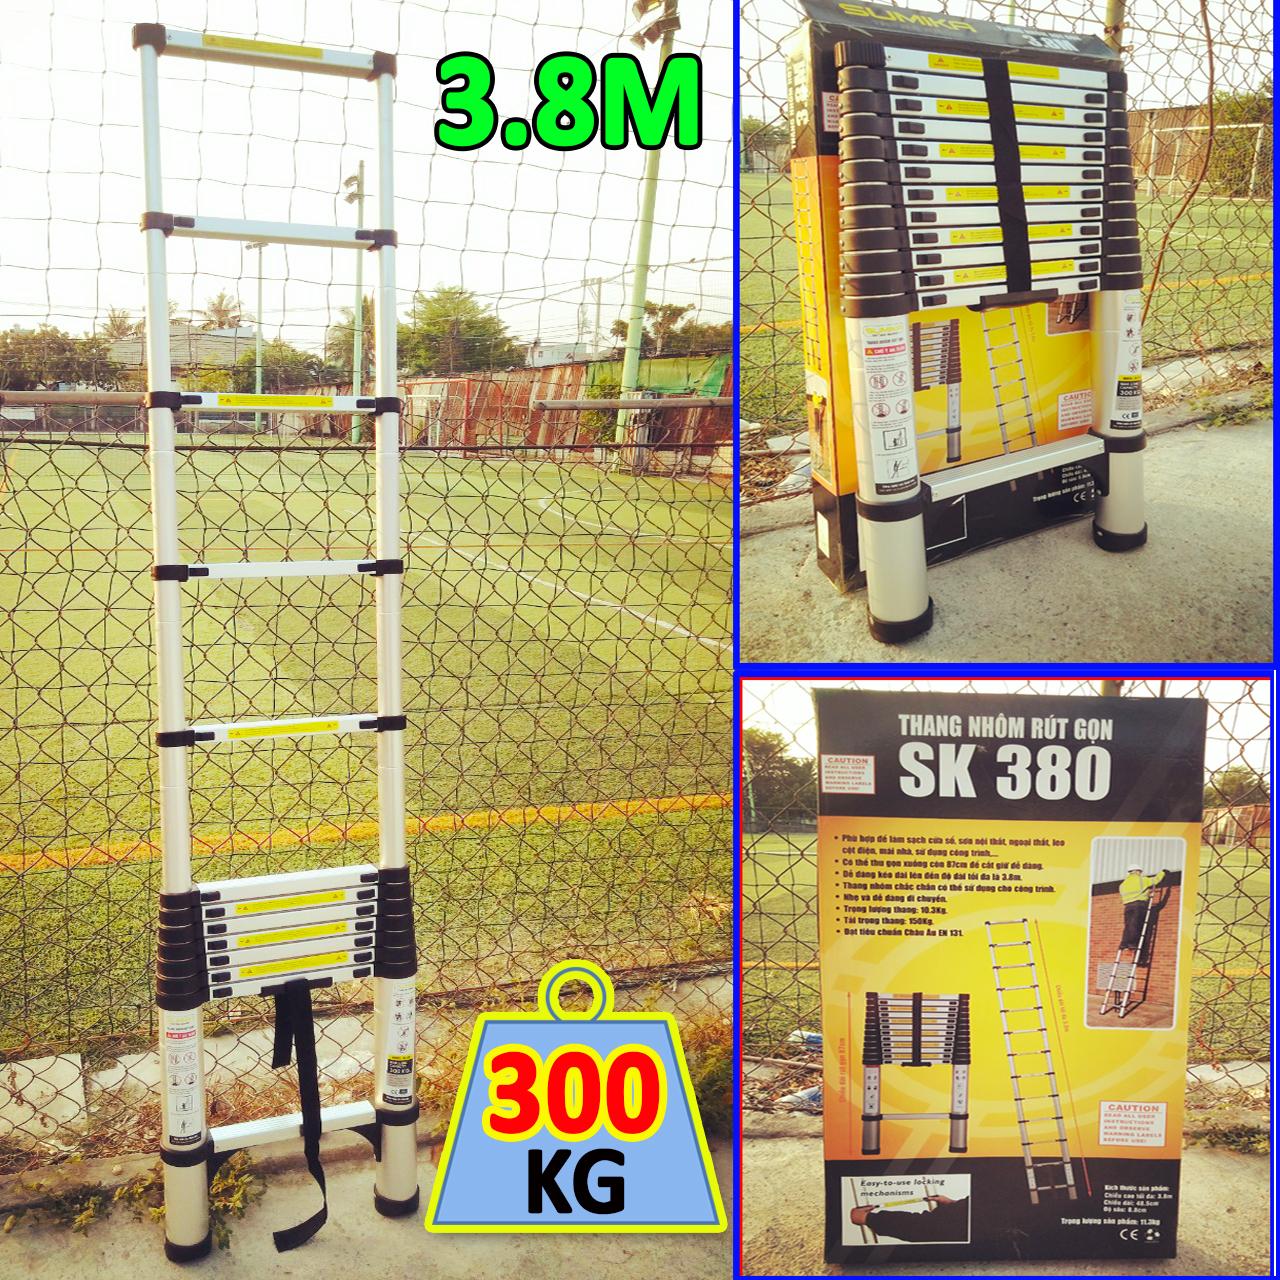 Thang nhôm rút đơn 3,8M Sumika SK380